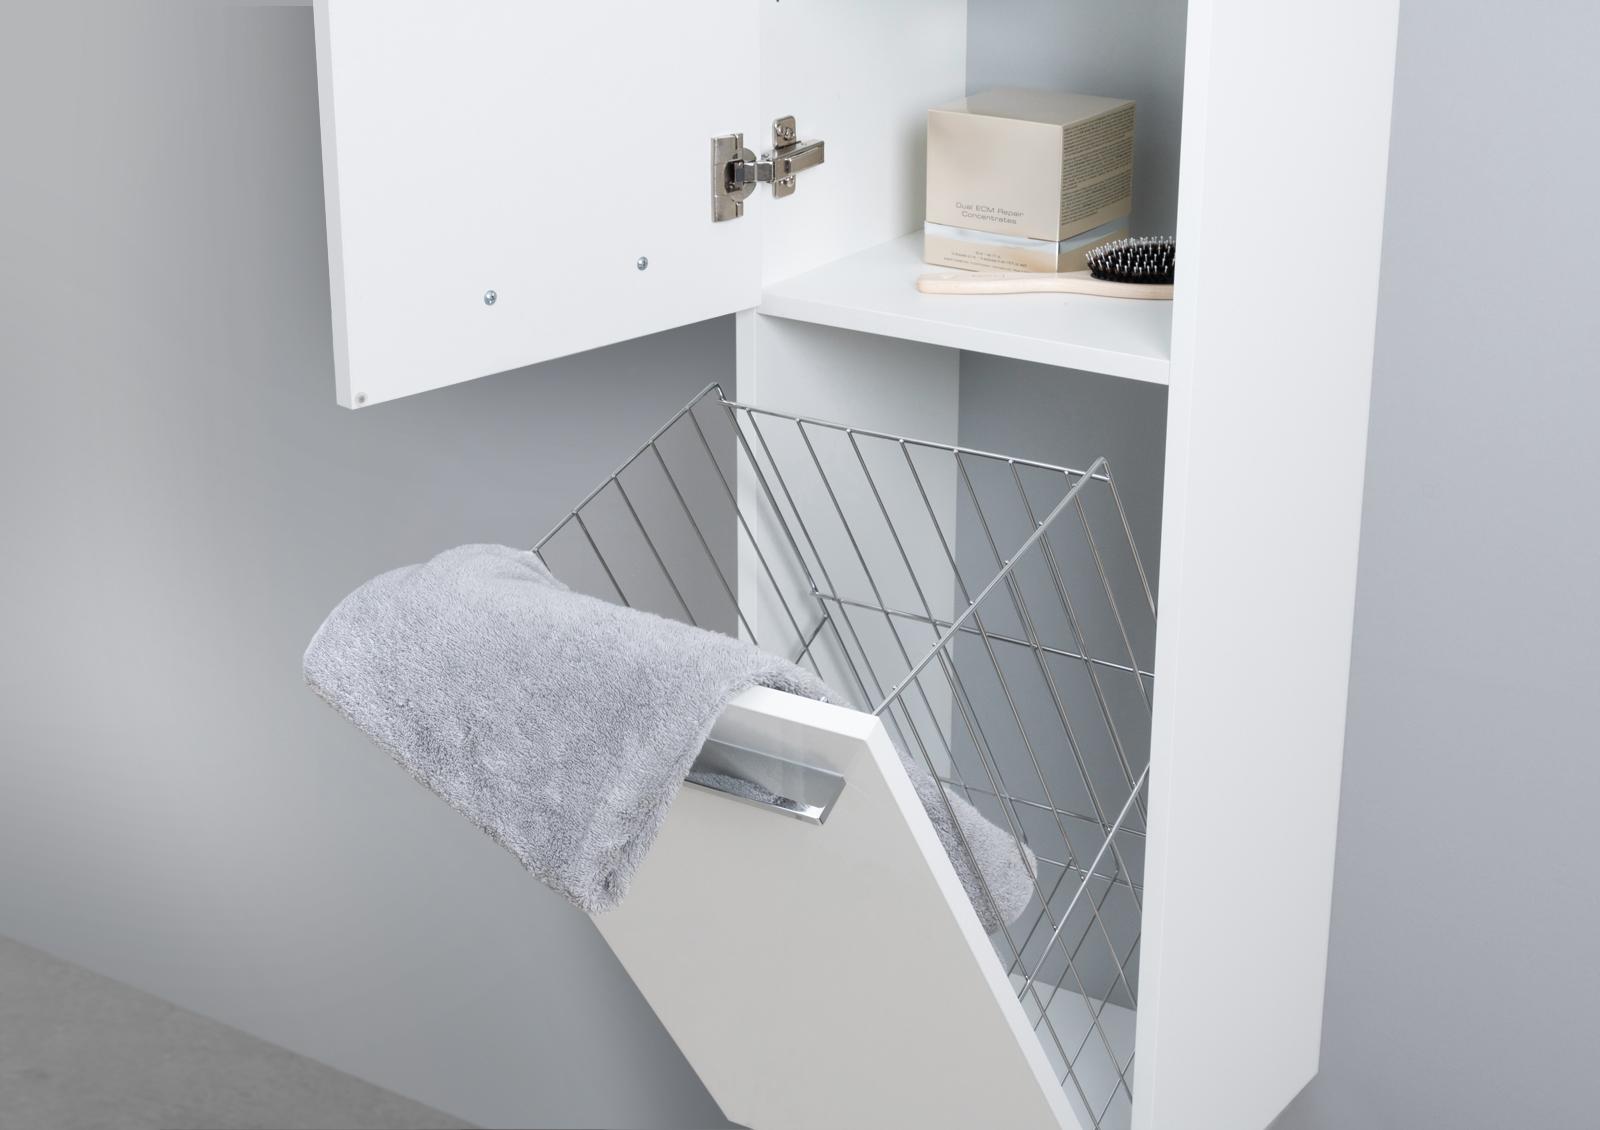 Badschrank Mit Wäschekippe Hochschrank Hbt 161640325cm Weiß Hochglanz Lack